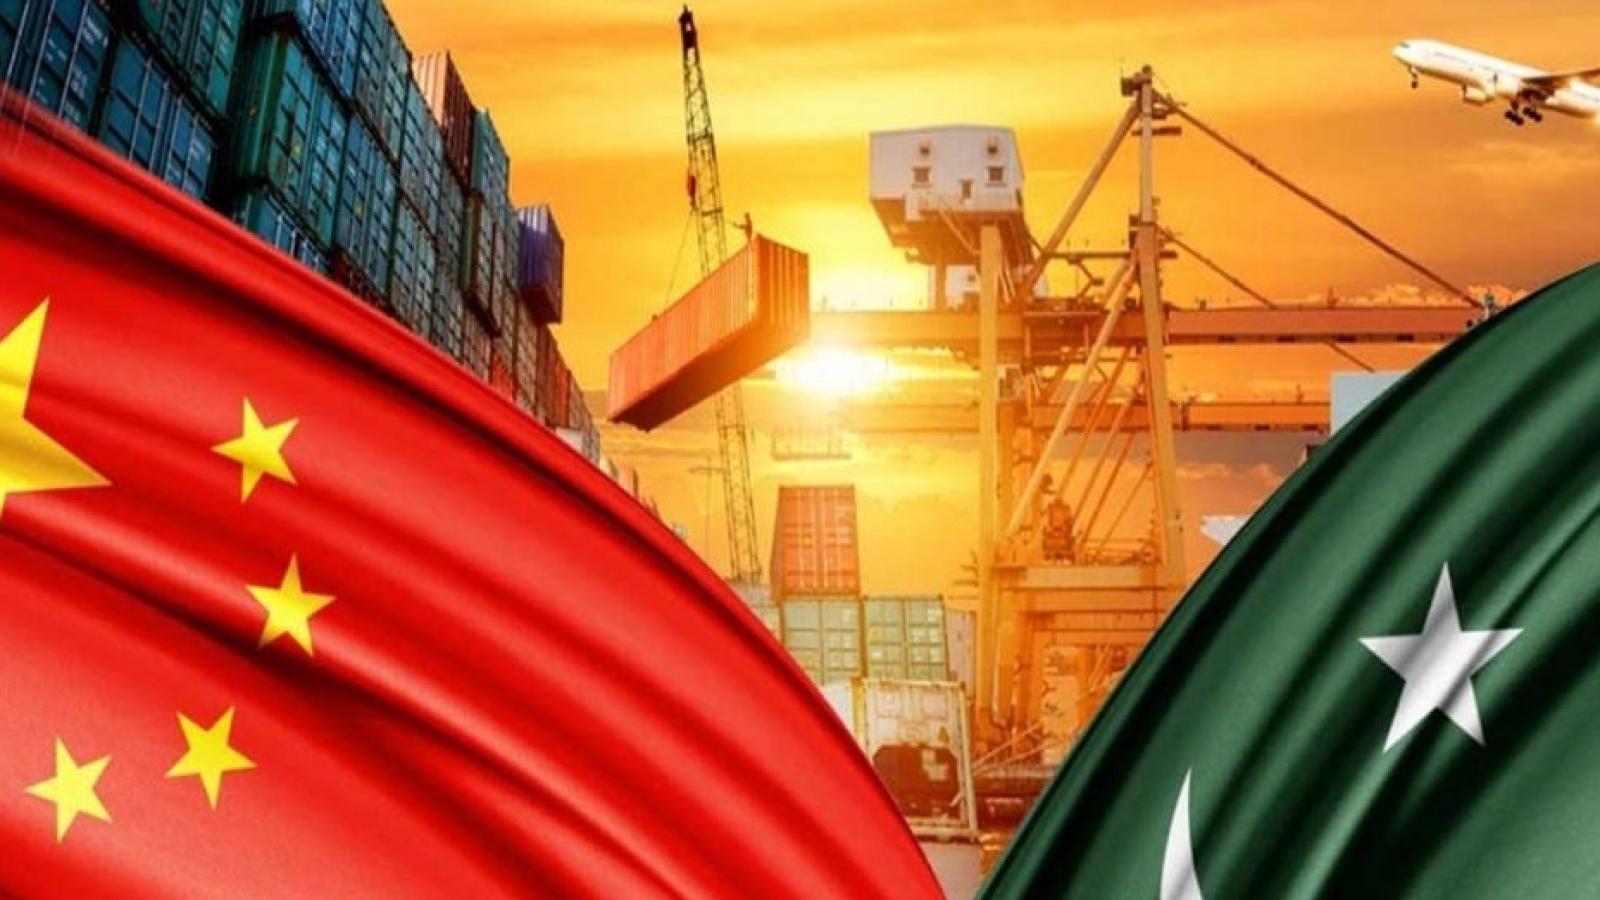 Trung Quốc chưa cấp vốn cho bất cứ dự án hạ tầng nào tại Pakistan